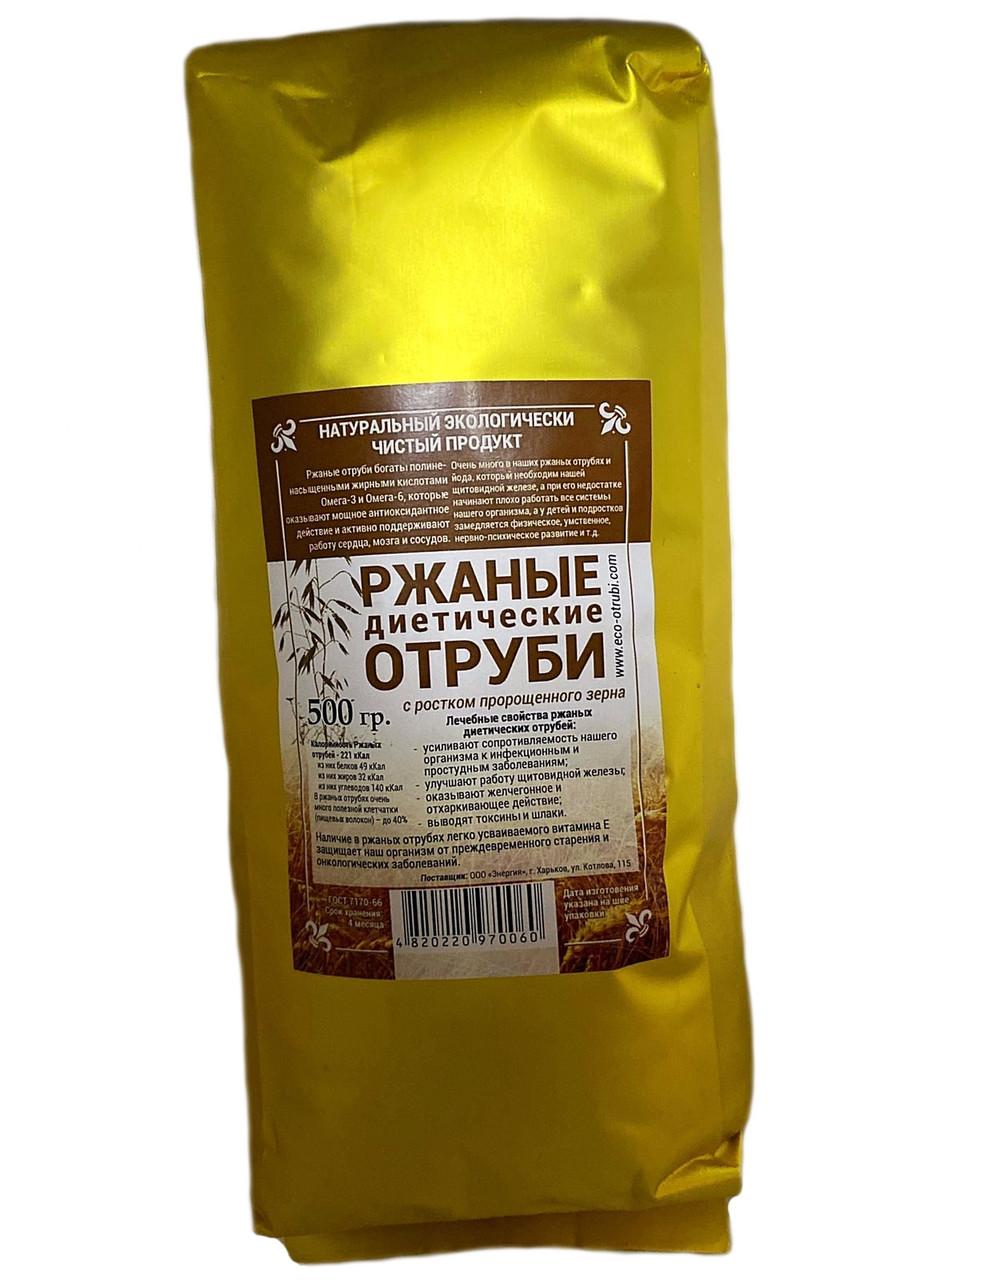 Отруби Ржаные с ростком пророщенного зерна 500 г